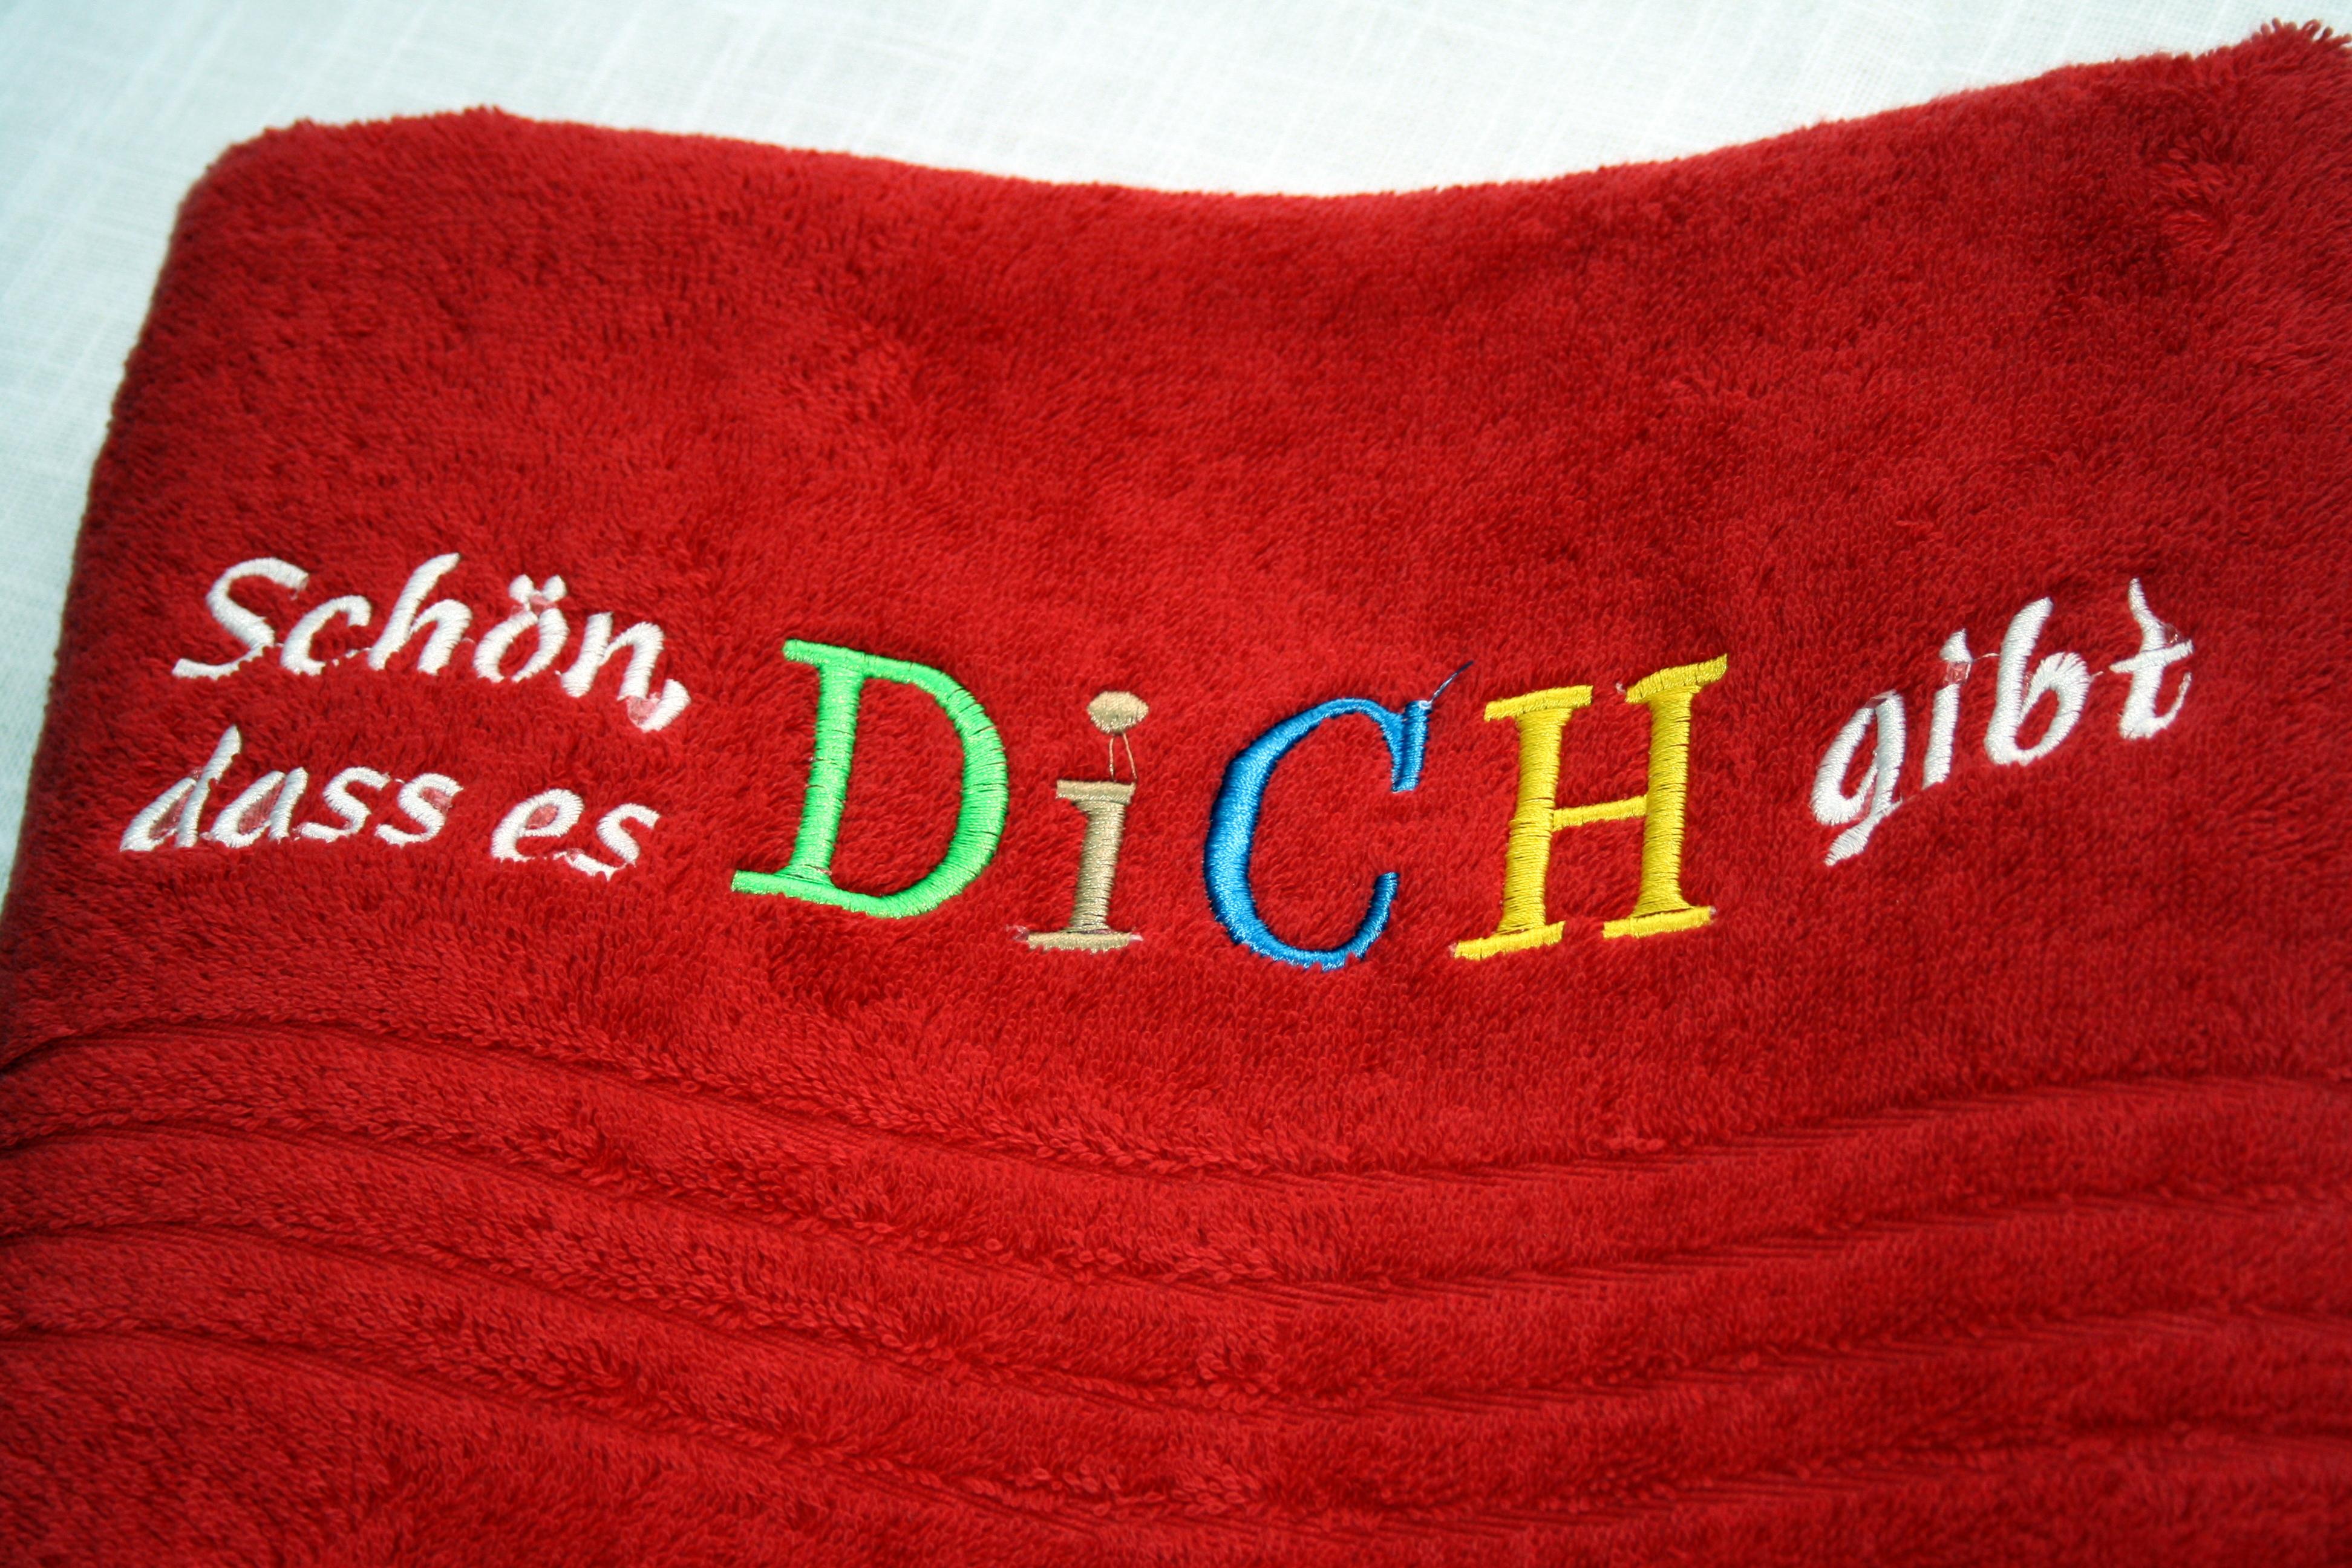 sprüche schön dass es dich gibt Handtuch mit Spruch: